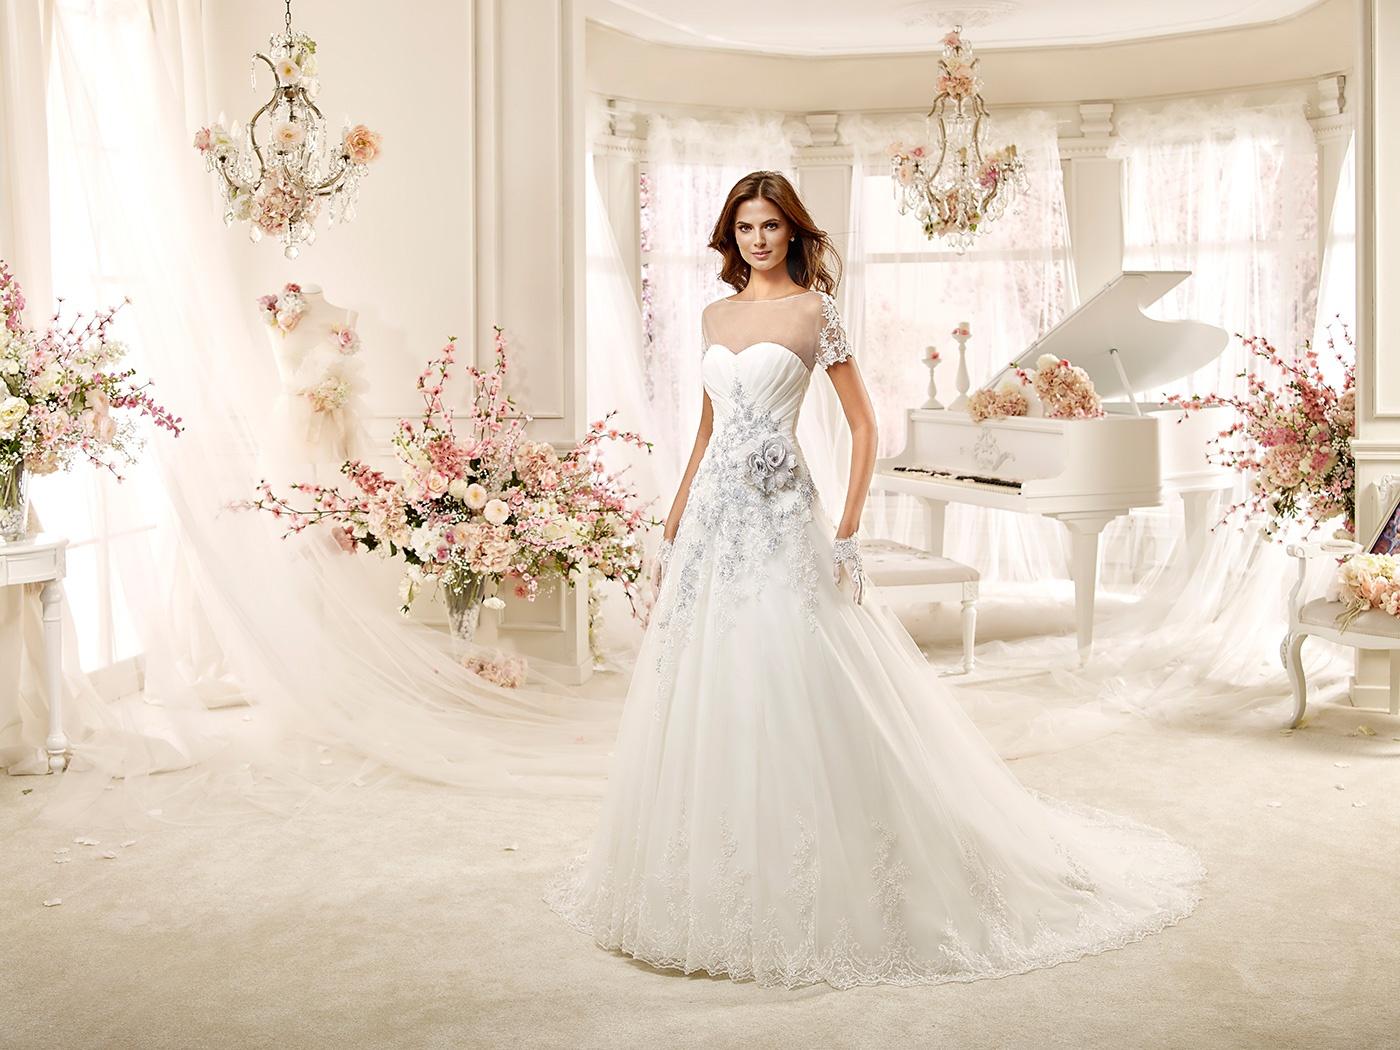 ¿Llevarías un vestido bordado en color como éste?